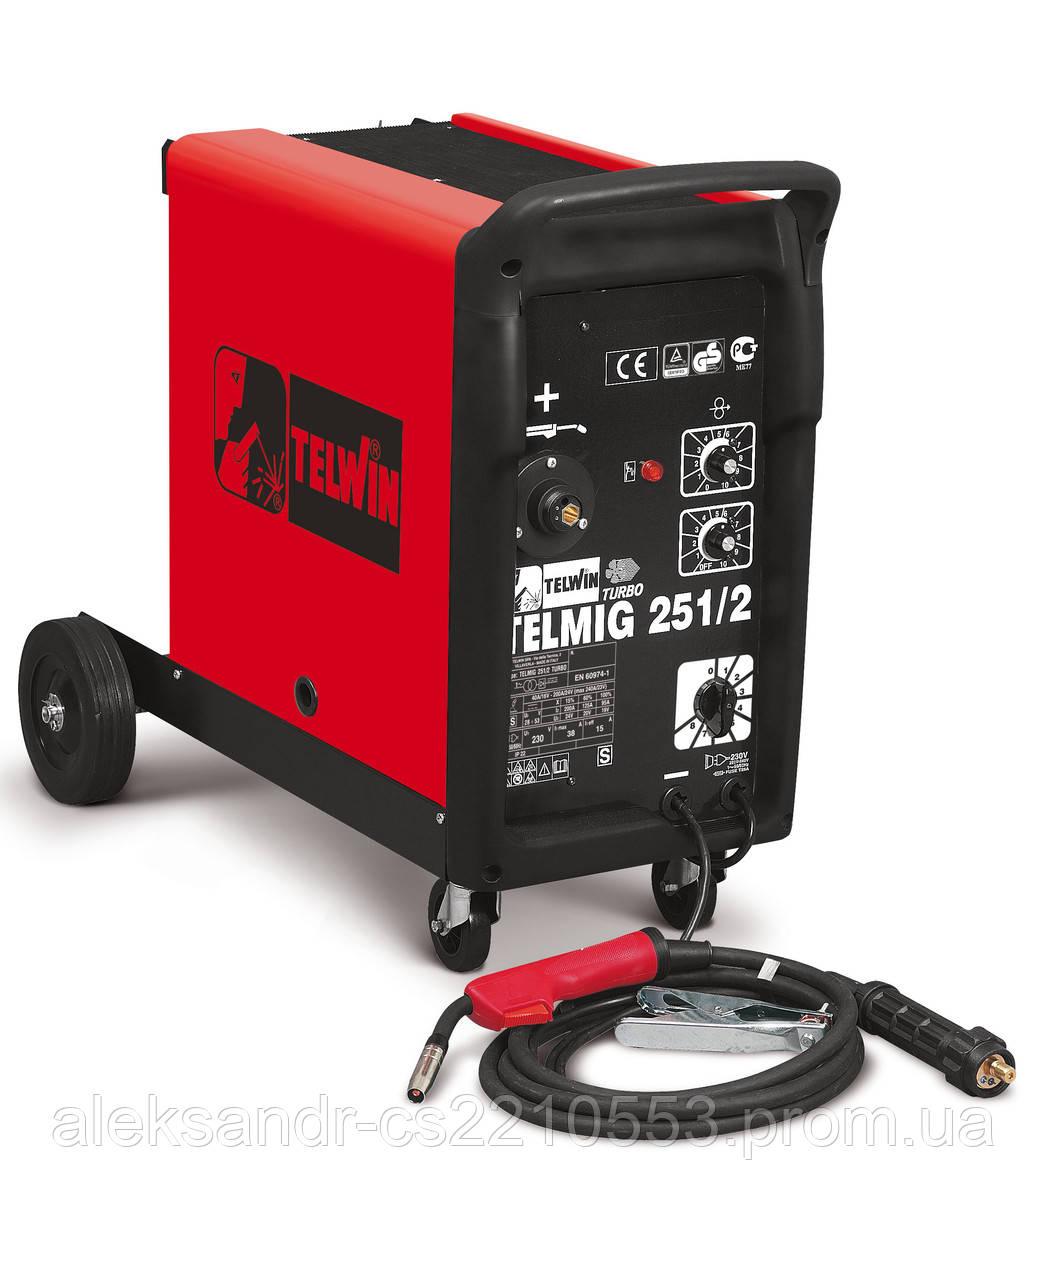 Telwin Telmig 251/2 Turbo - Зварювальний напівавтомат 30-240 А